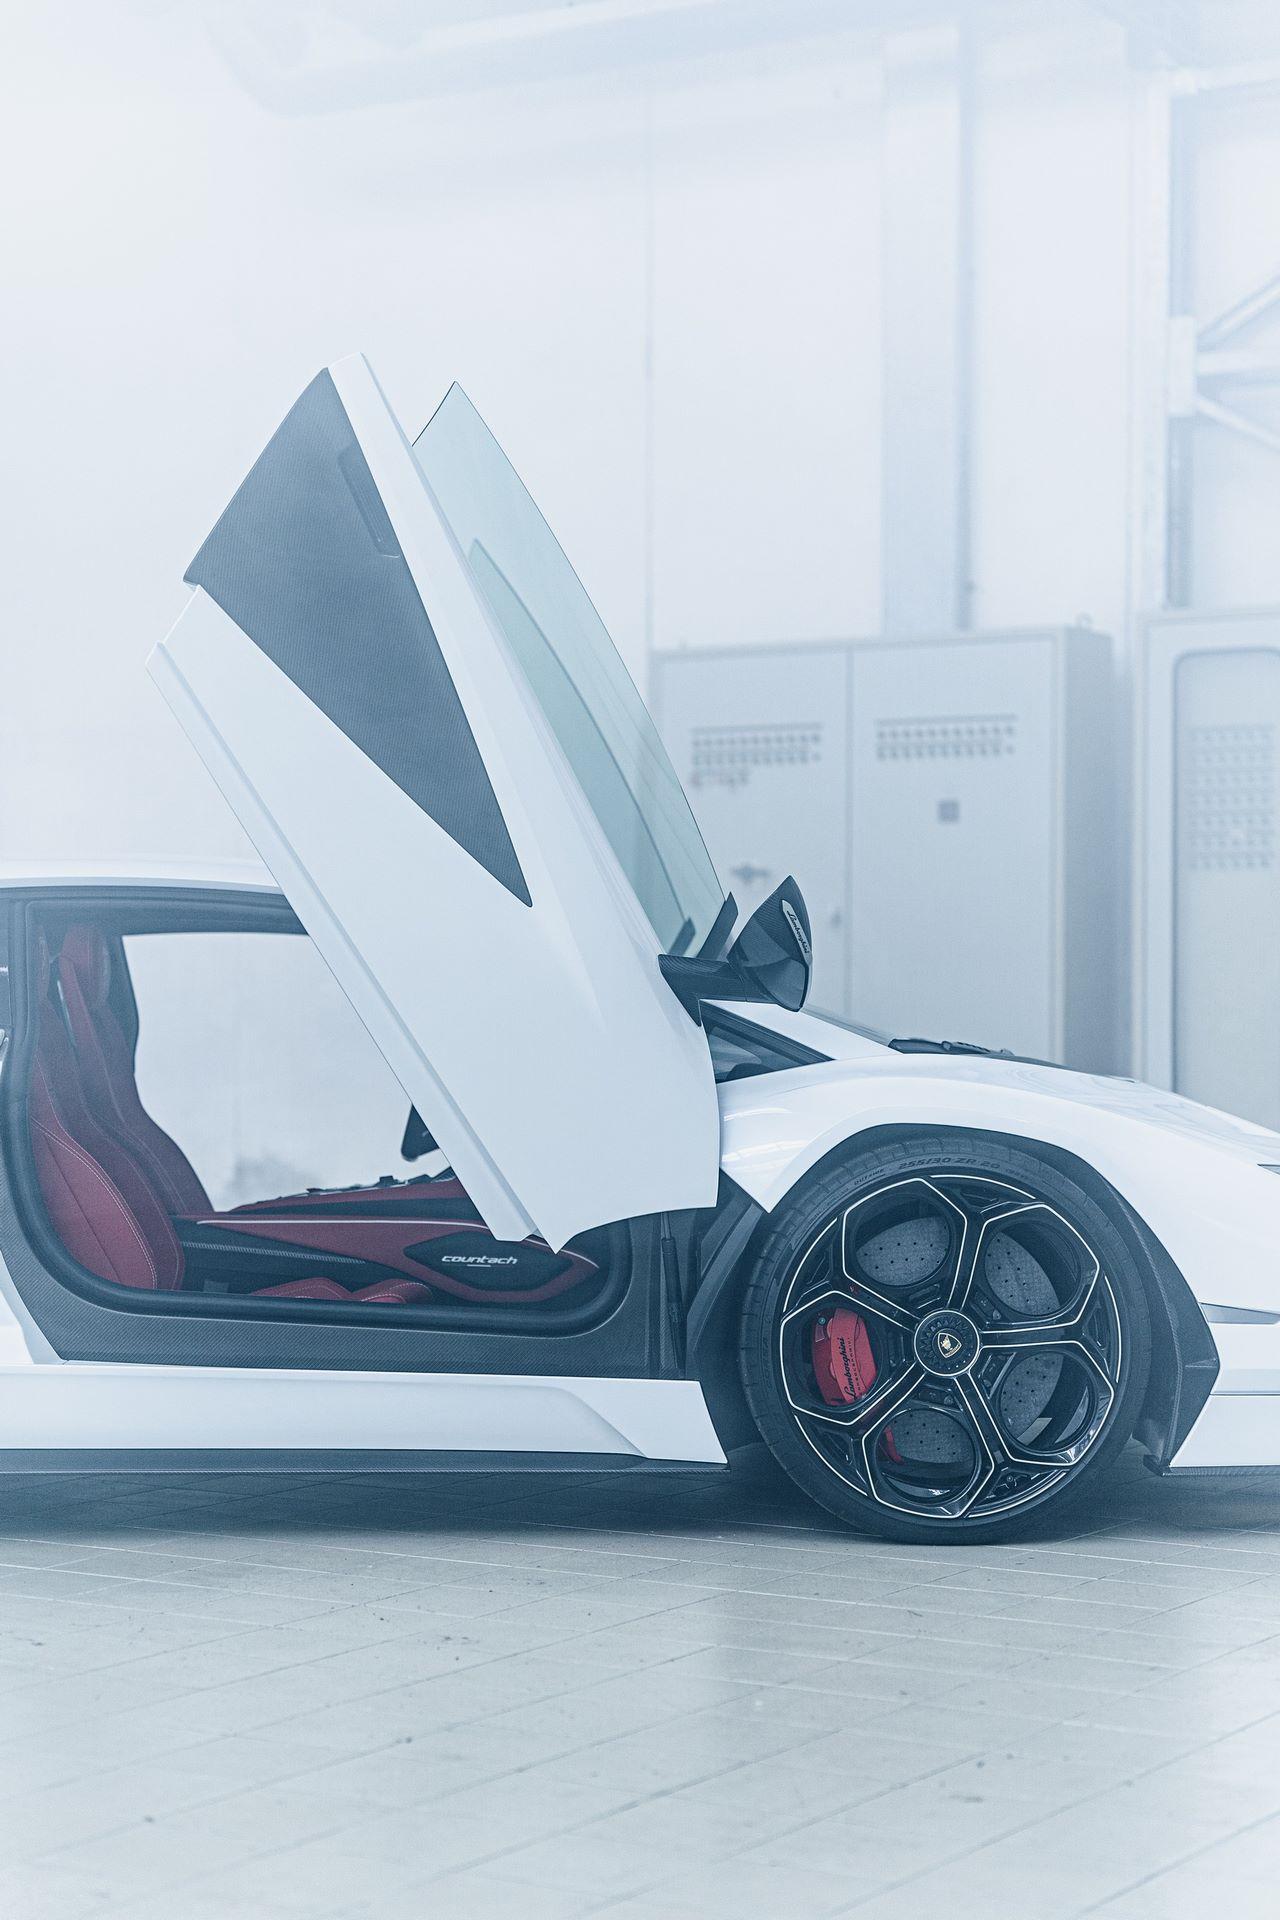 Lamborghini-Countach-LPI-800-4-57